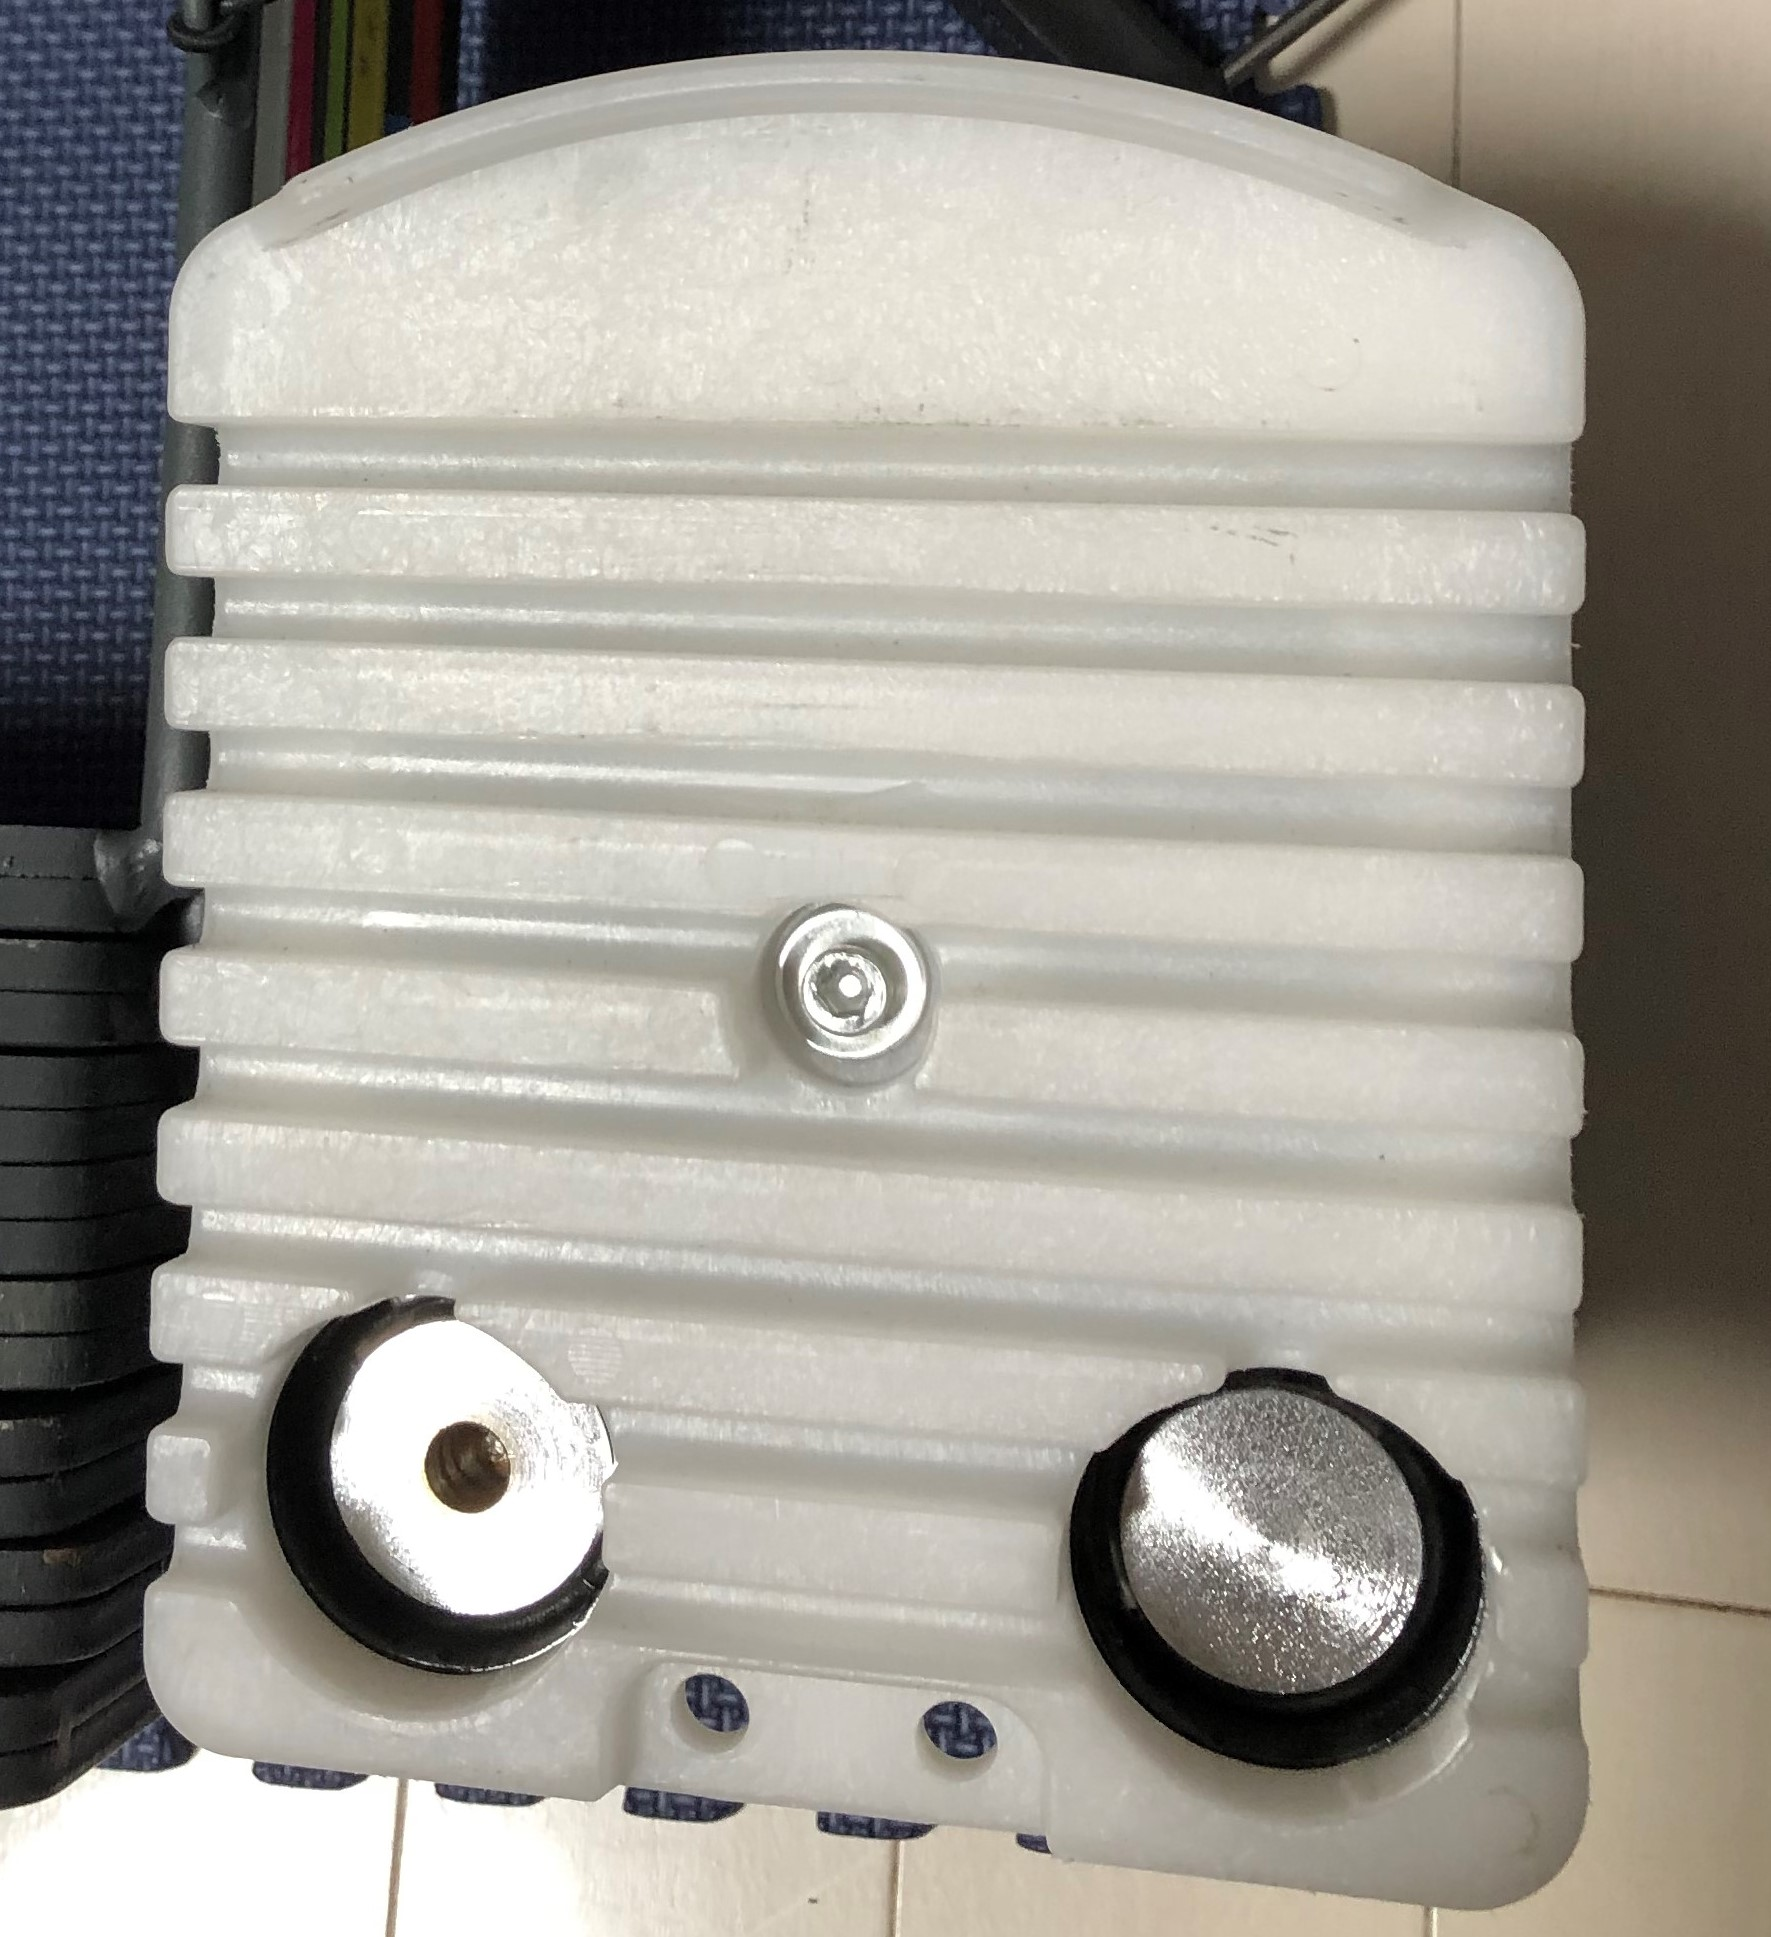 パワーブロック(類似品)のレビュー③:ダンベル内部に鉄の棒が入る設計